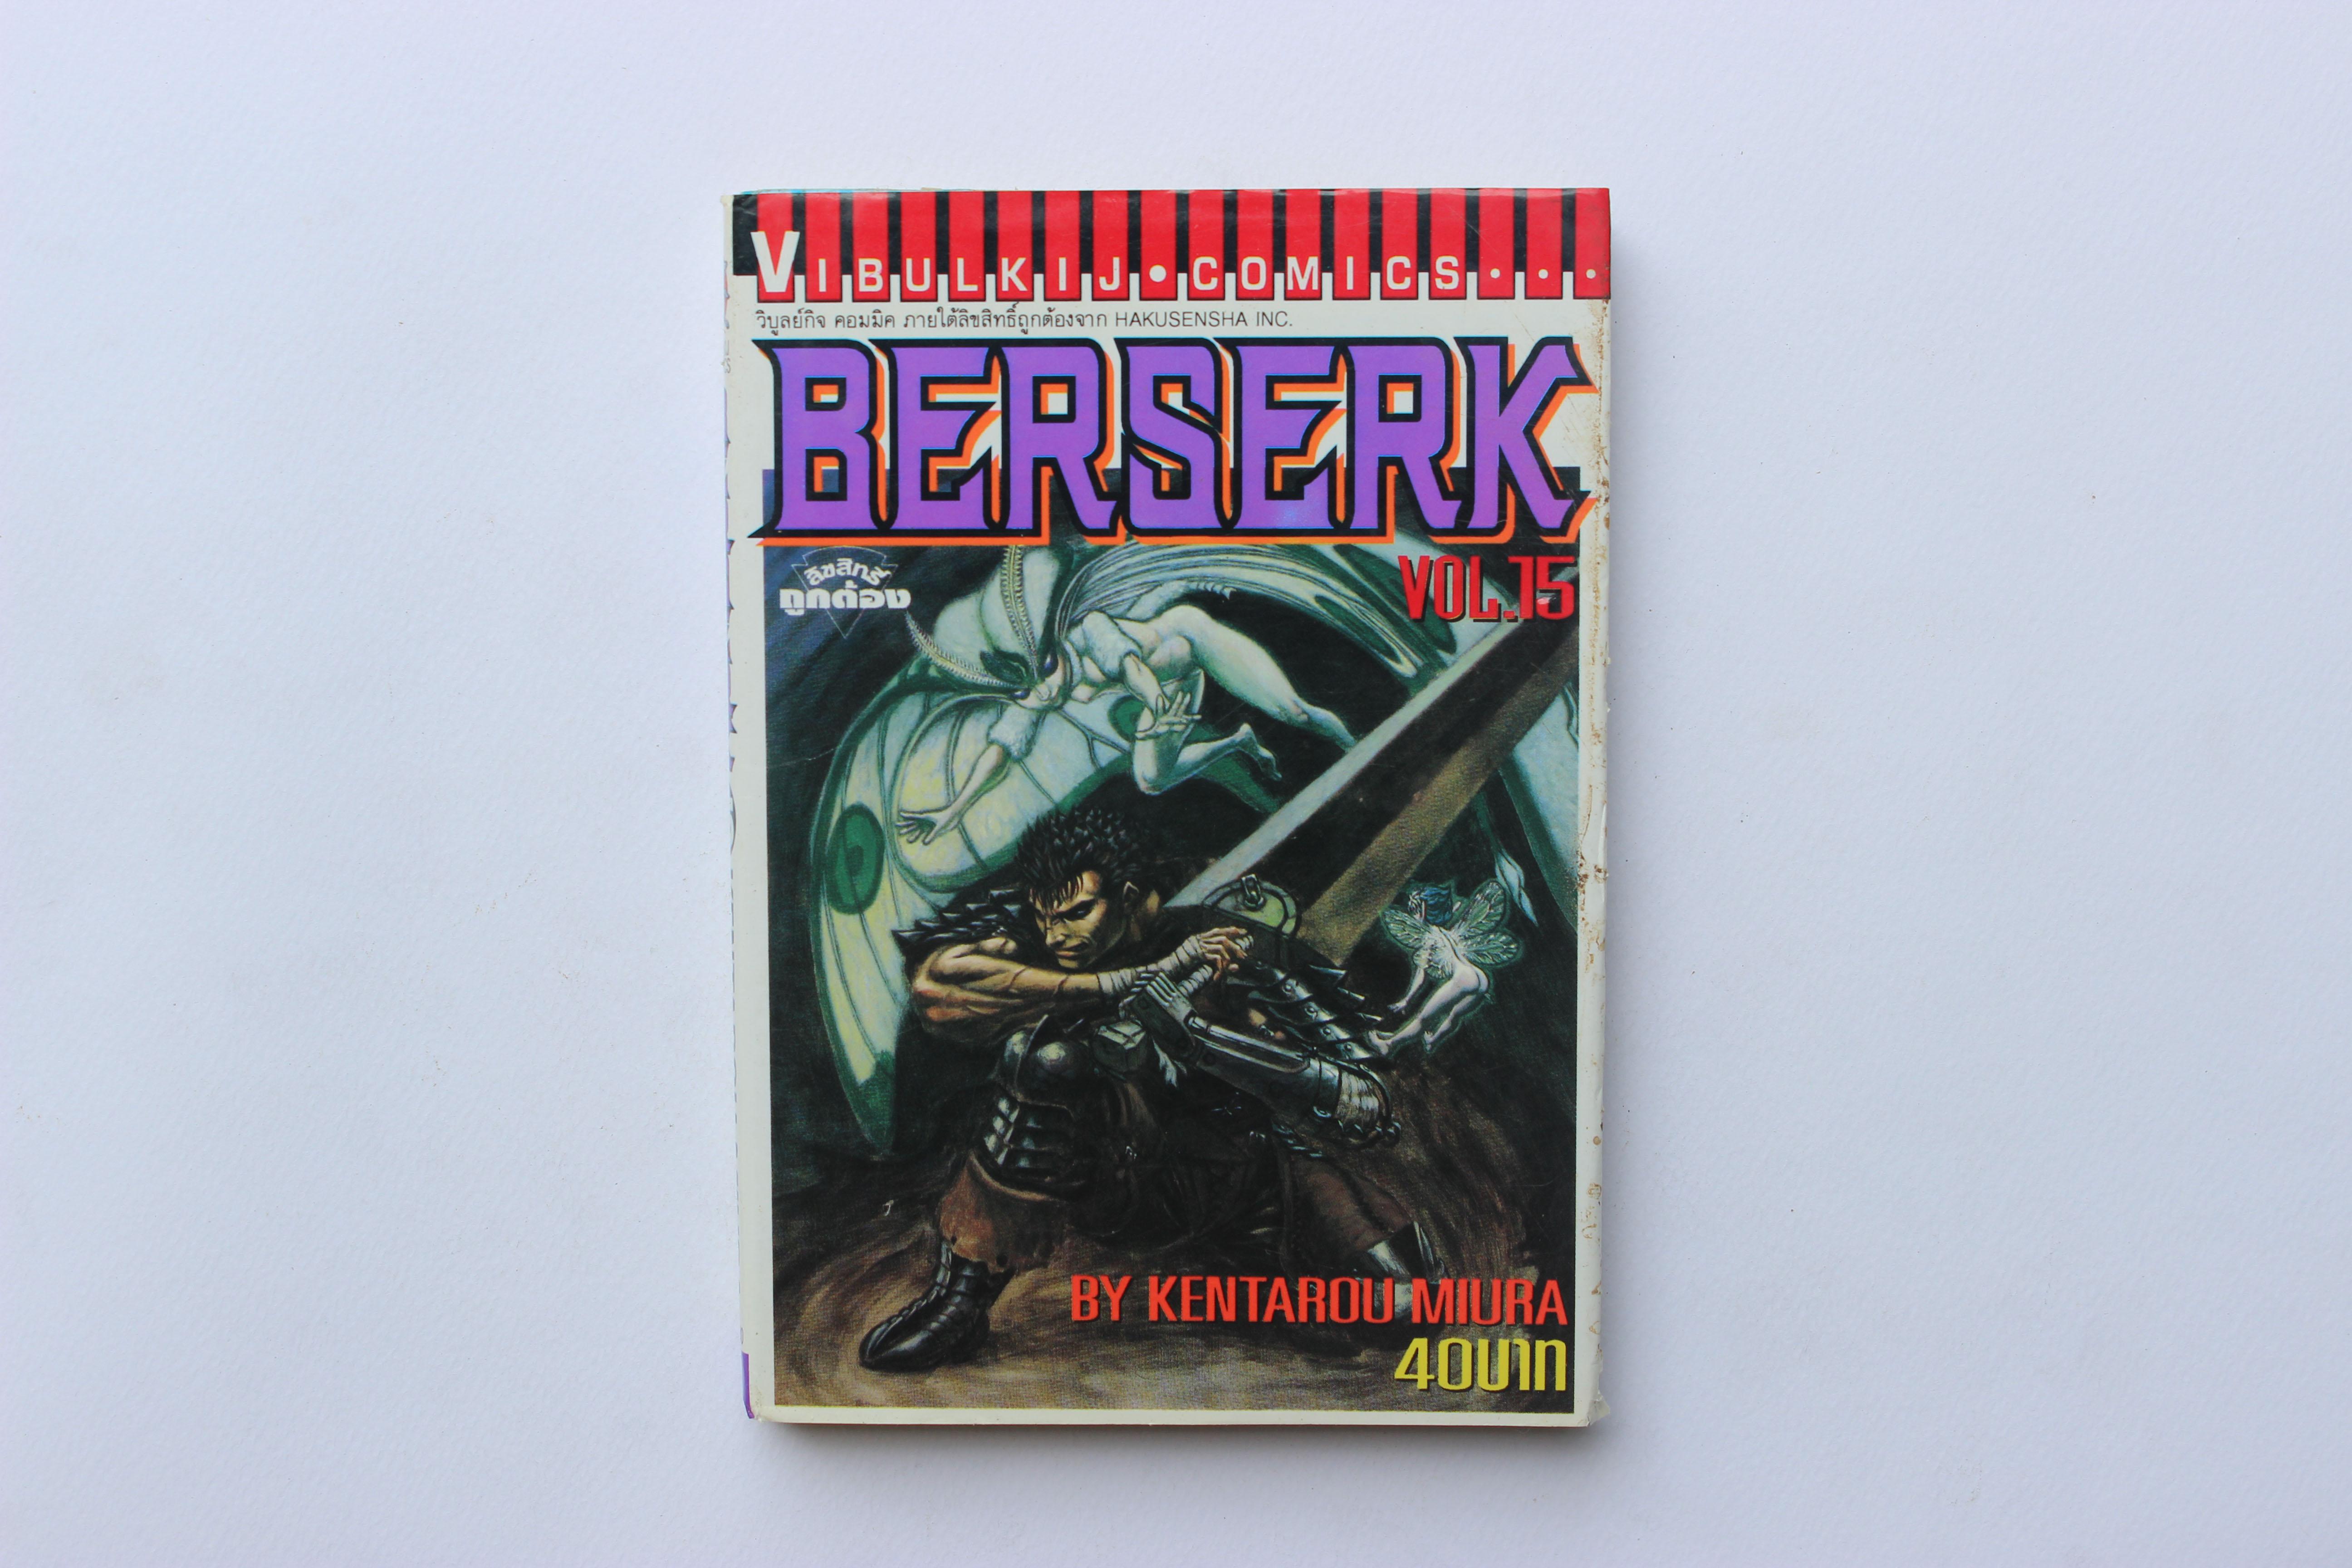 BERSERK Vol.15